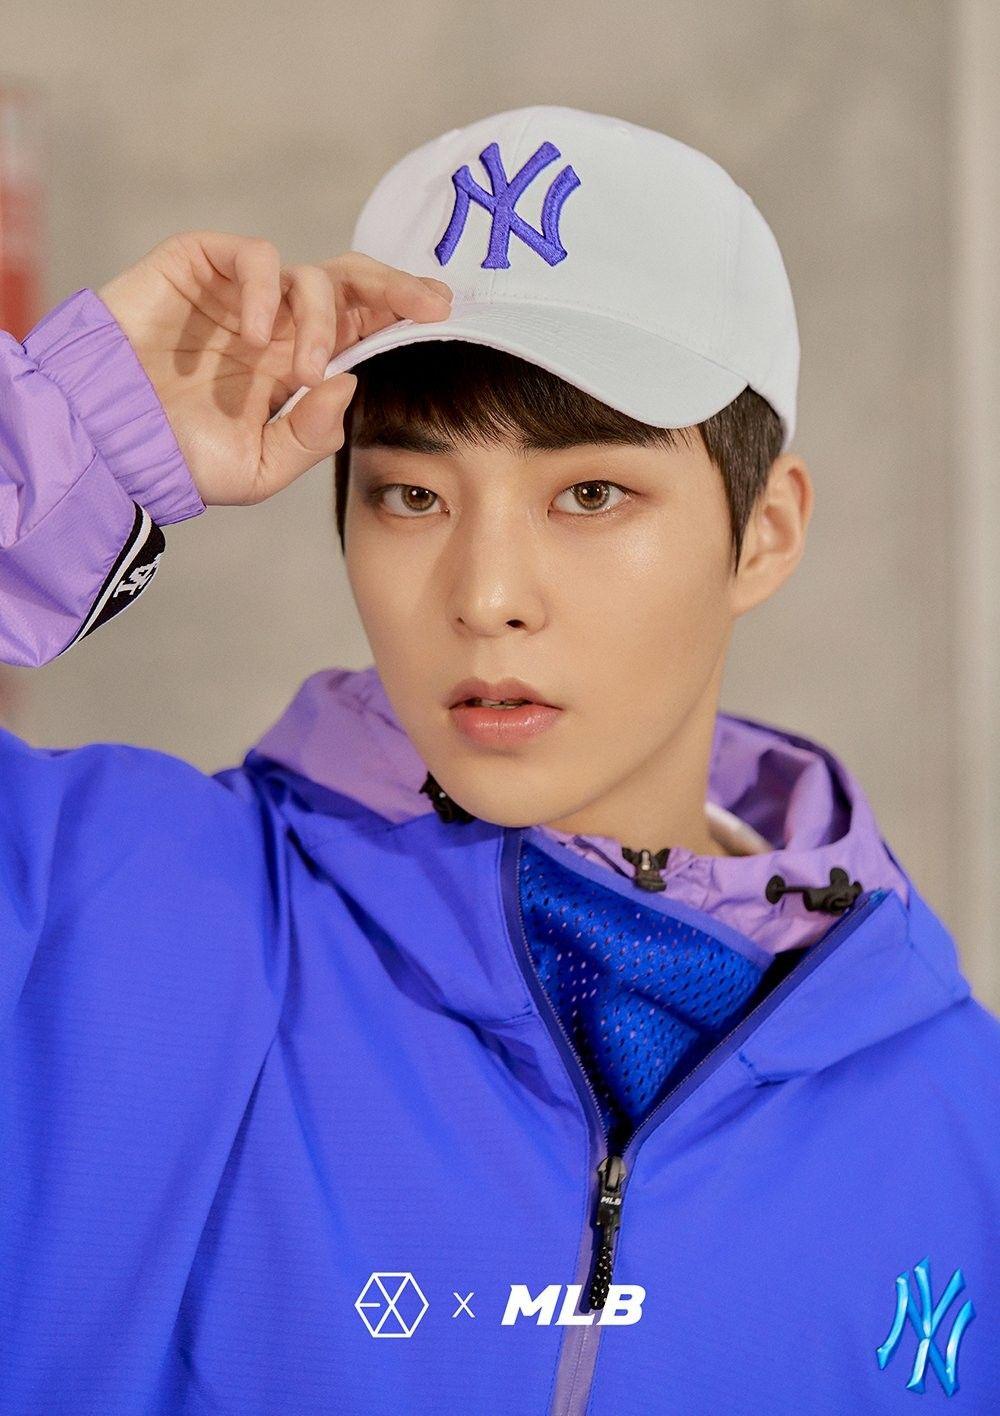 180313 Exo Xiumin Mlb Official Website Mlb X Exo Sehun